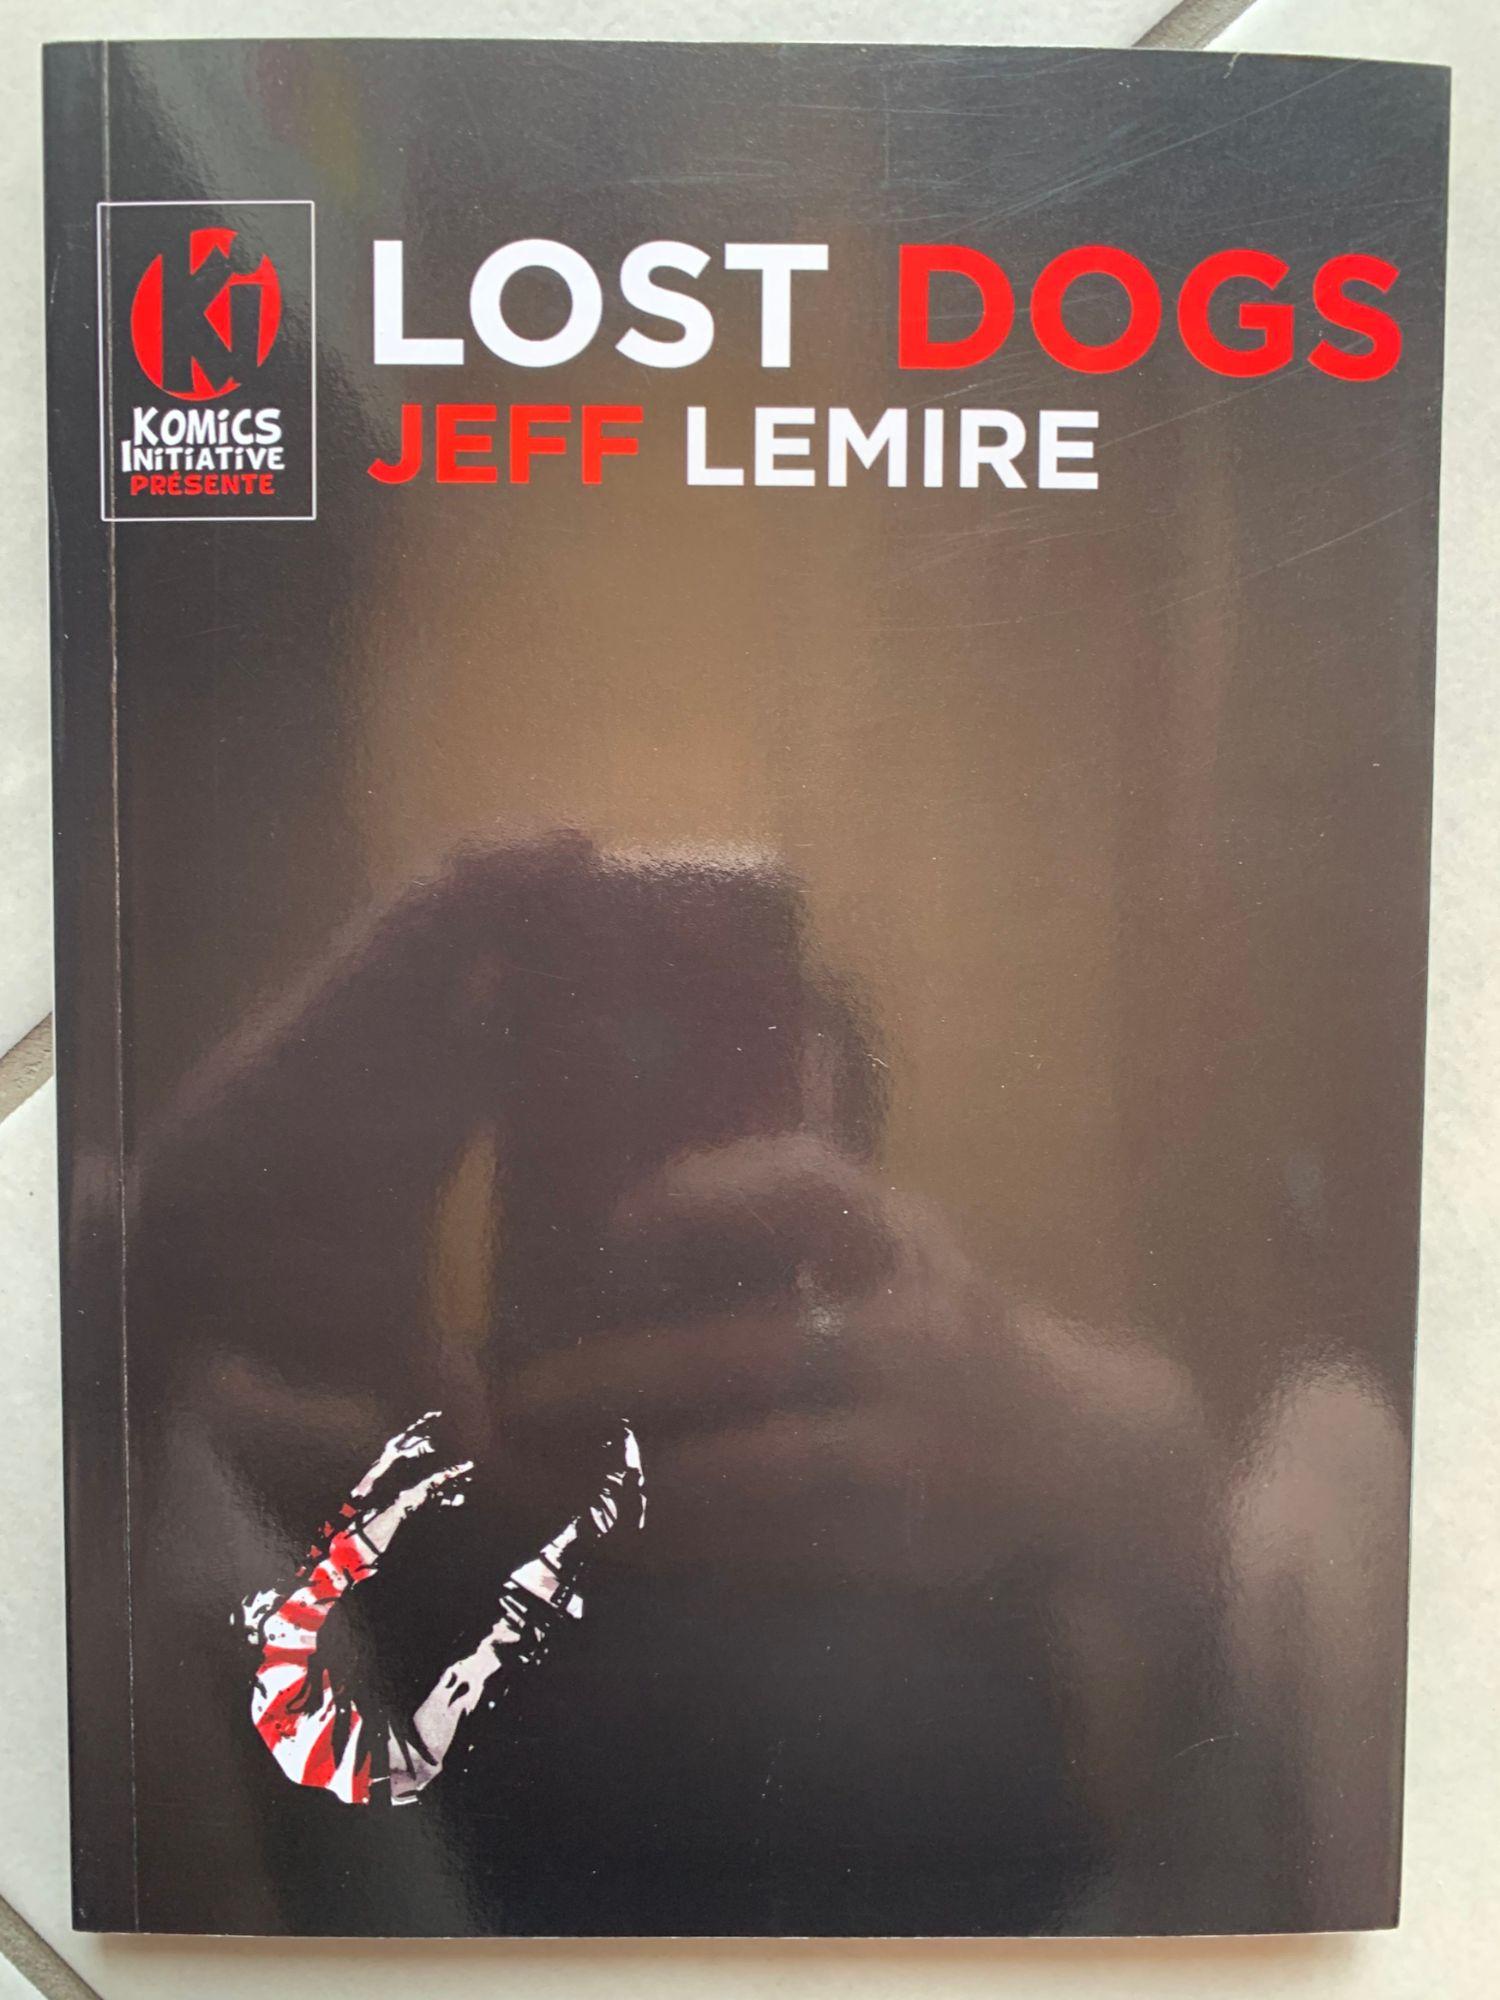 Lost dogs - Komics initiative - 15/10/2019